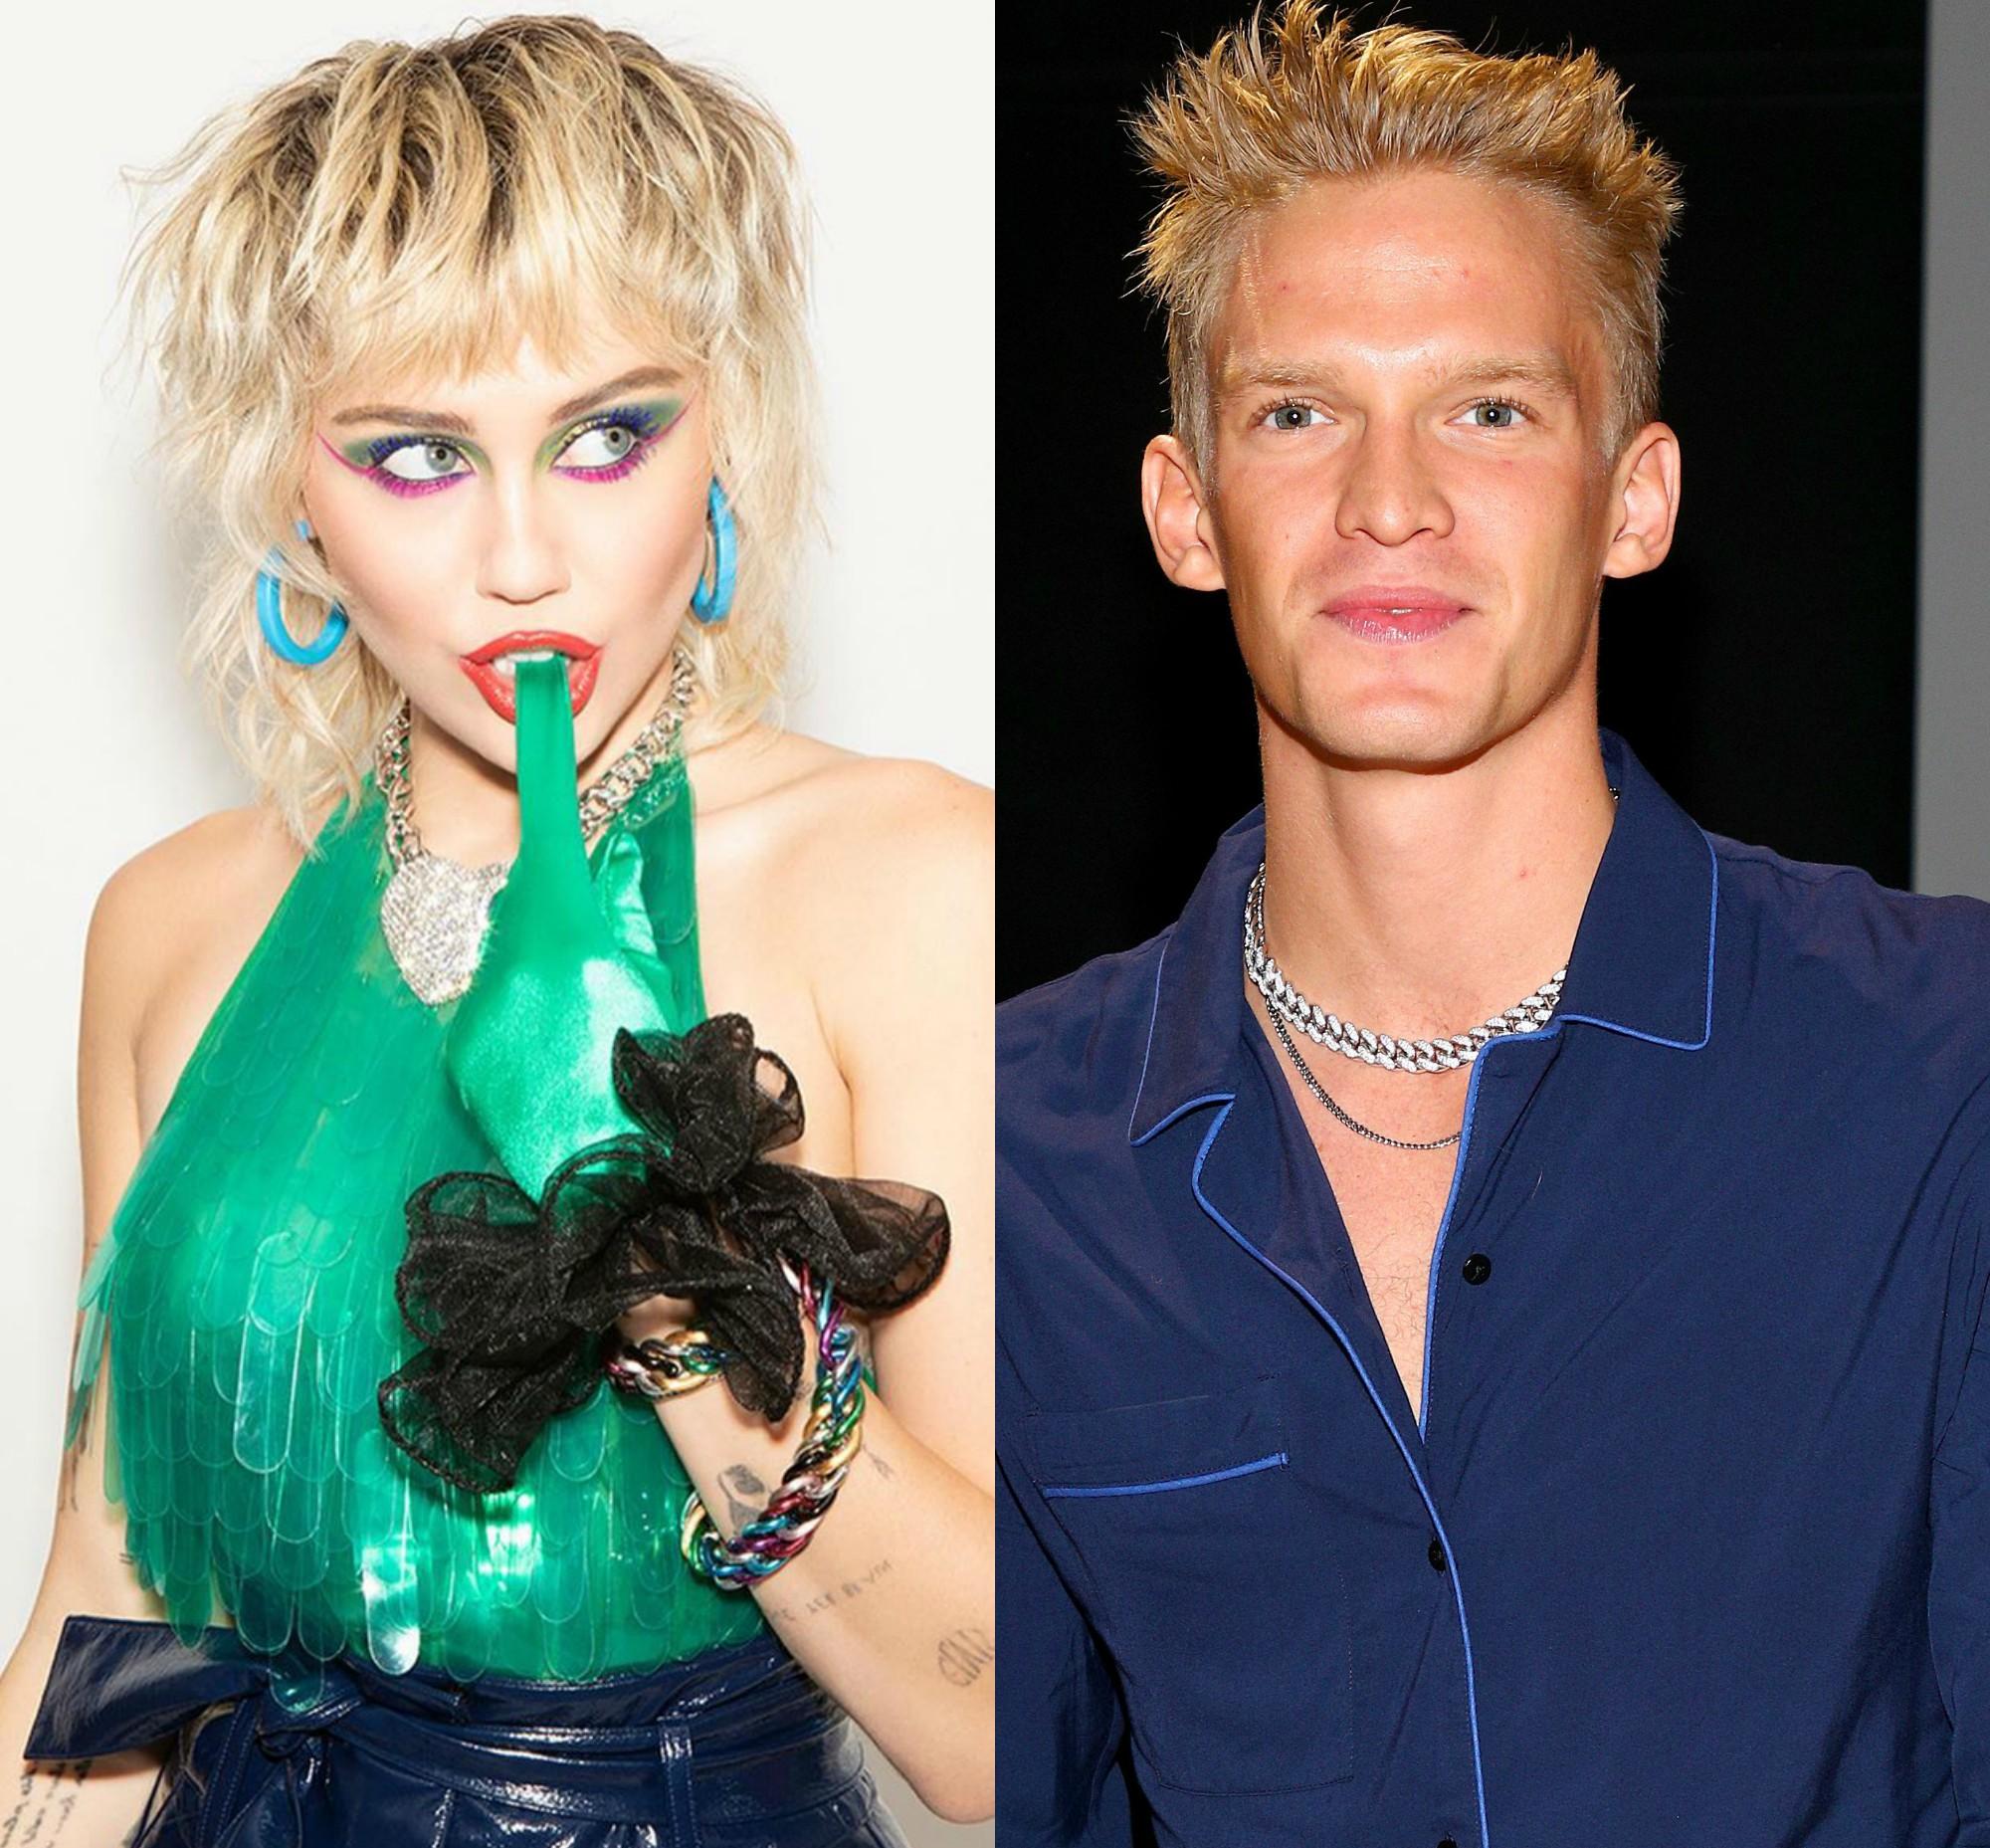 Miley Cyrus konfirmoi ndarjen, por deklarata e saj la vend për shumë dyshime!